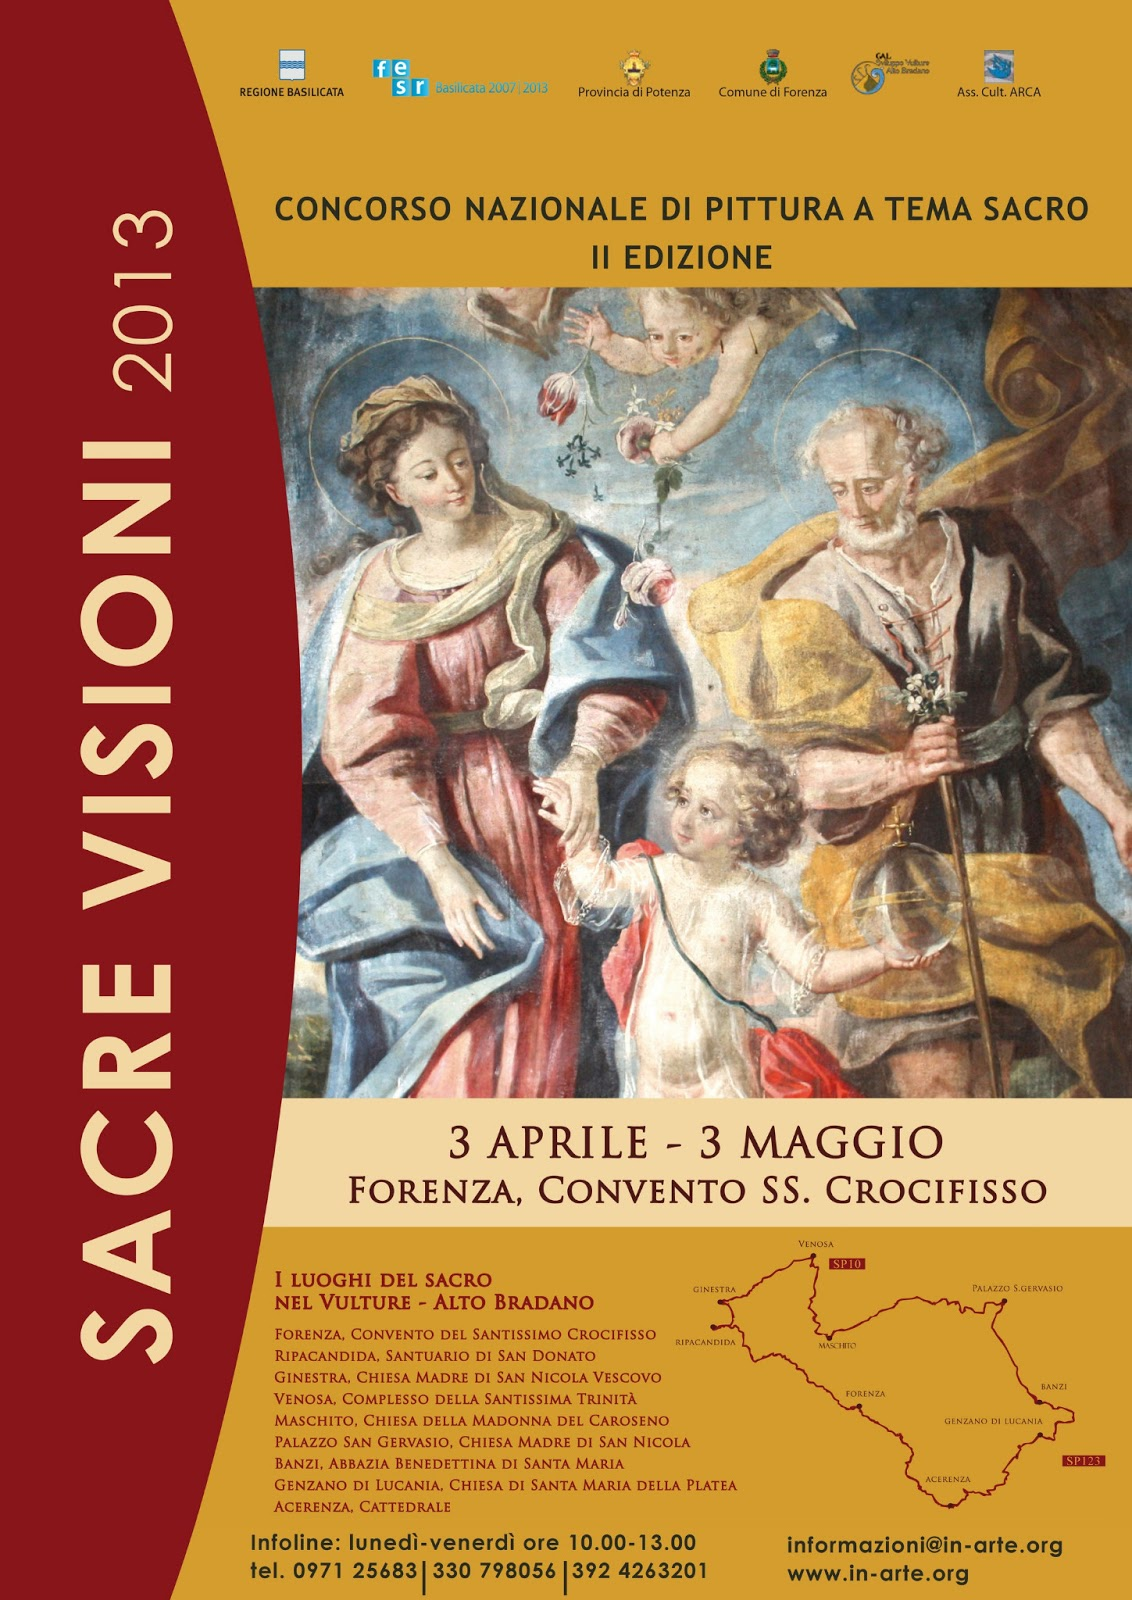 http://inarte-blog.blogspot.it/2013/04/sacre-visioni-2013-2-concorso-nazionale.html